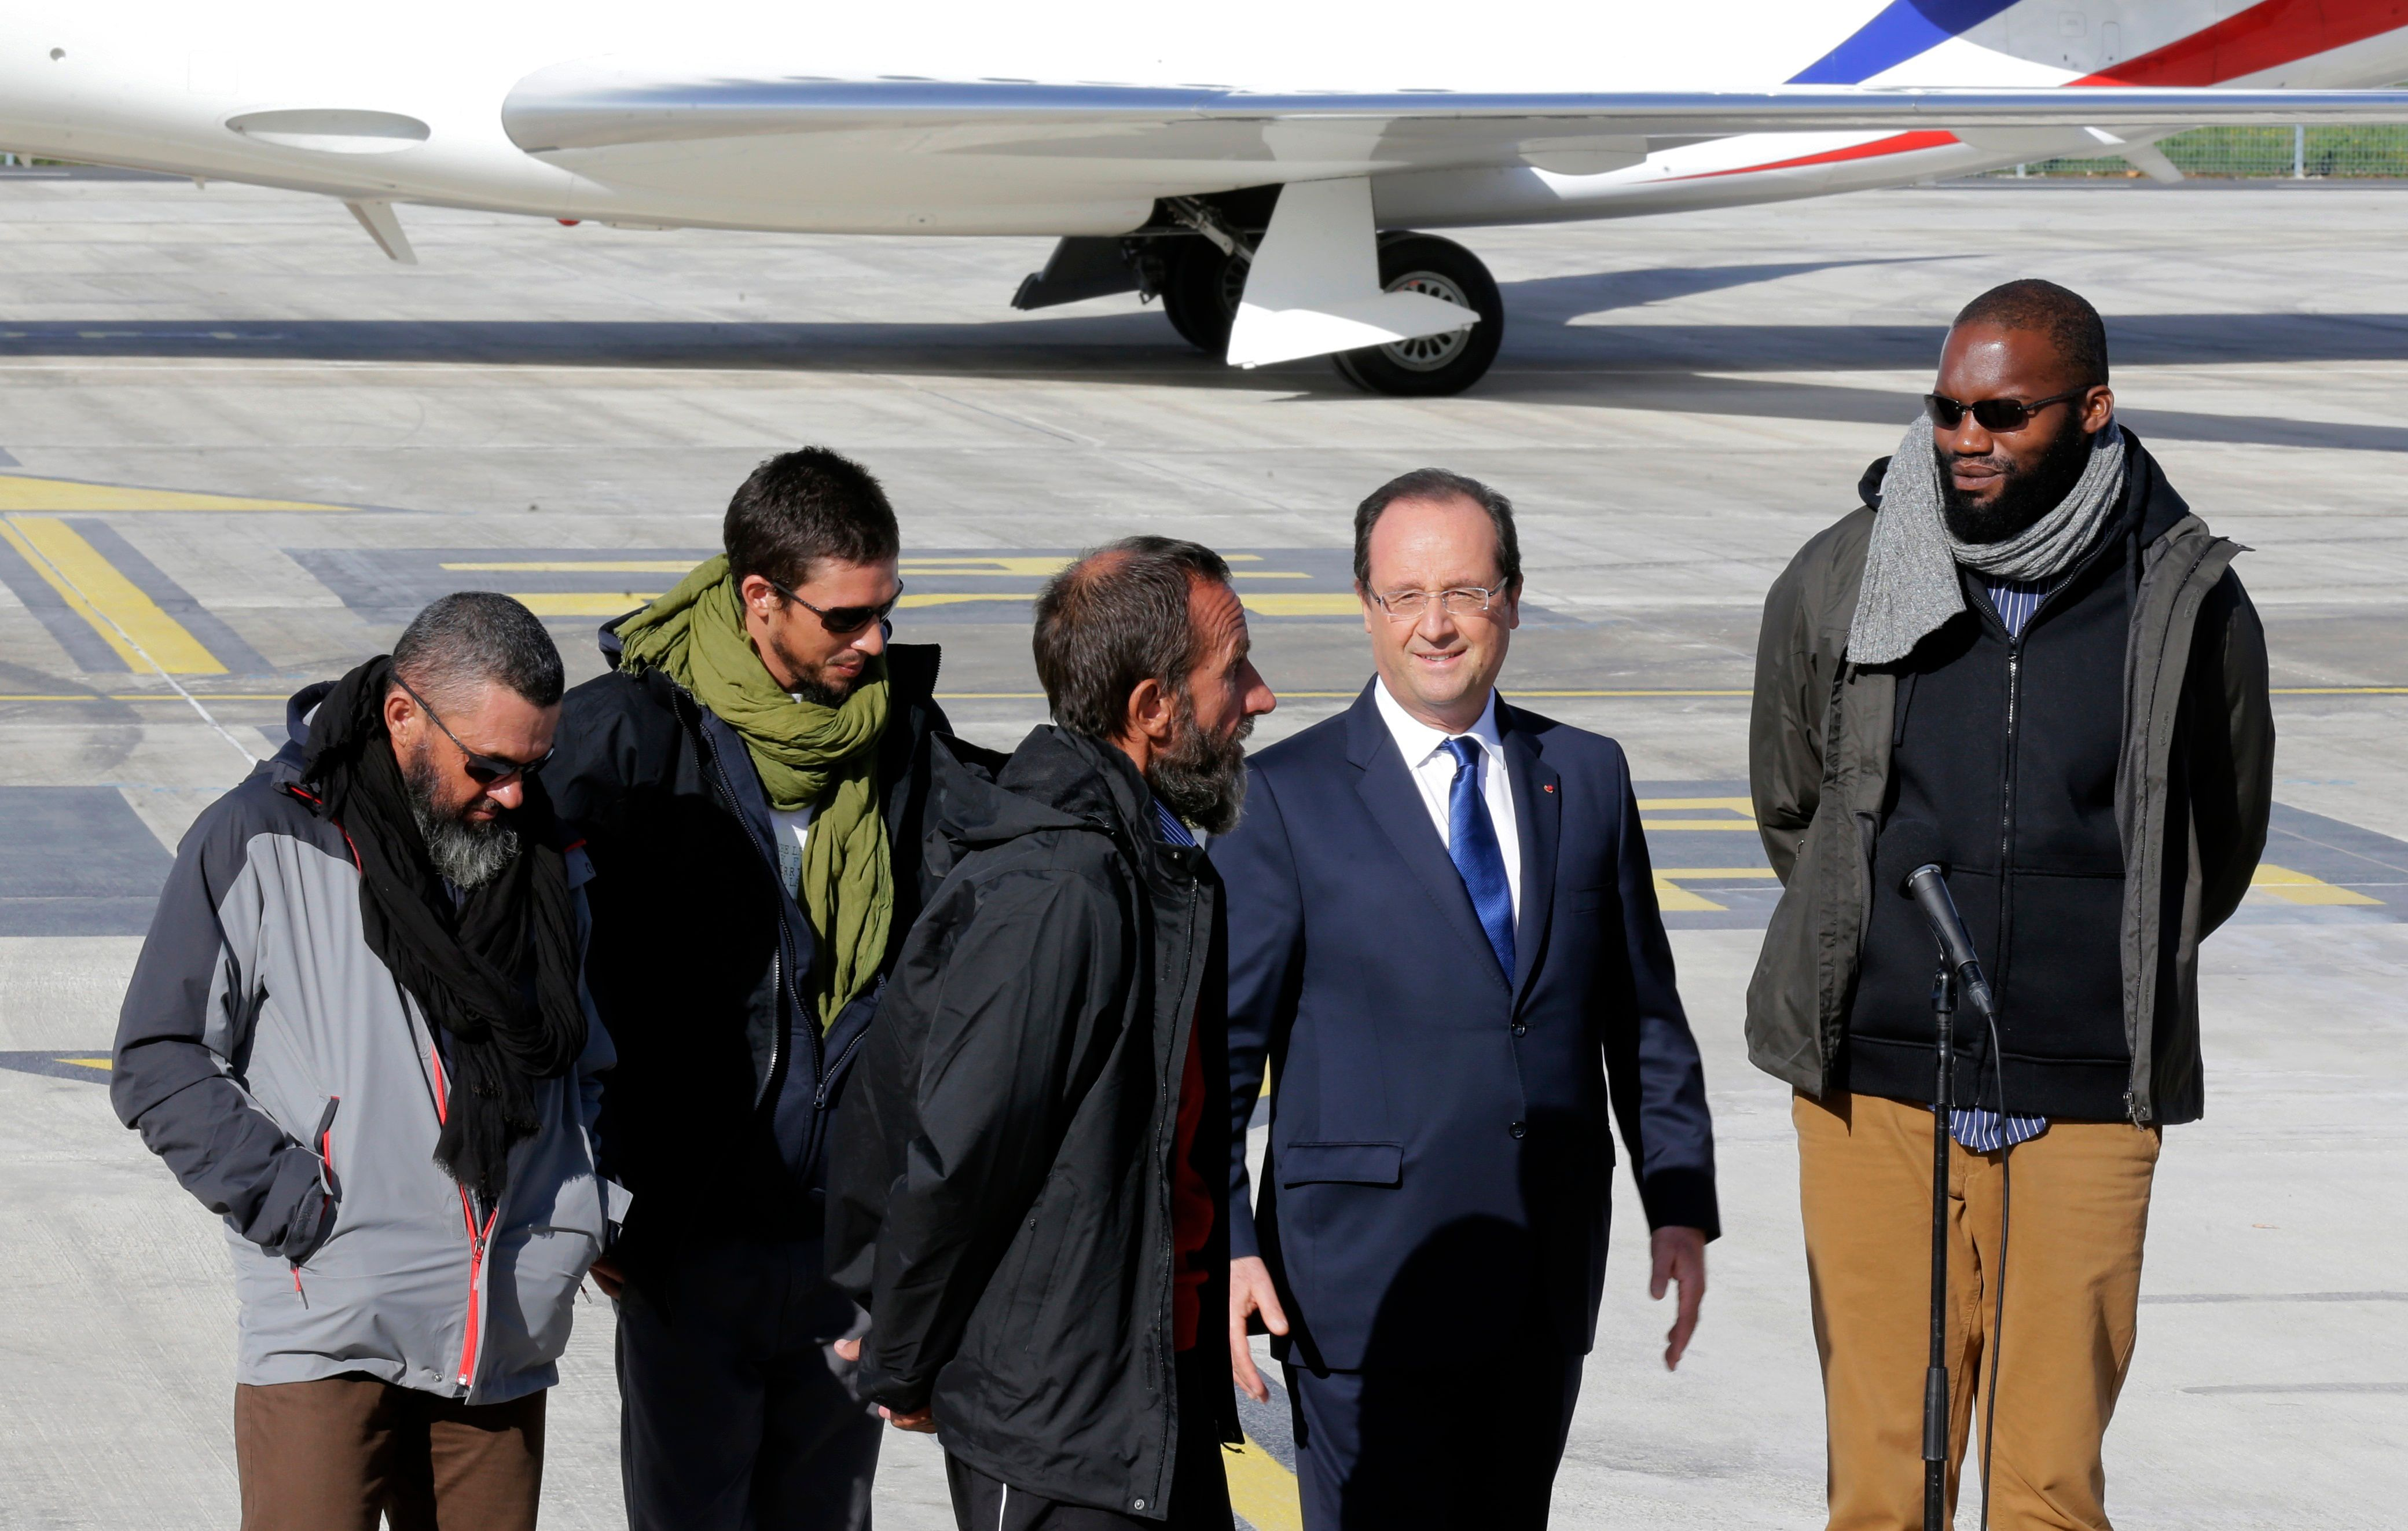 La libération des otages enlevés au Niger ne bénéficie pas à François Hollande dans les sondages.